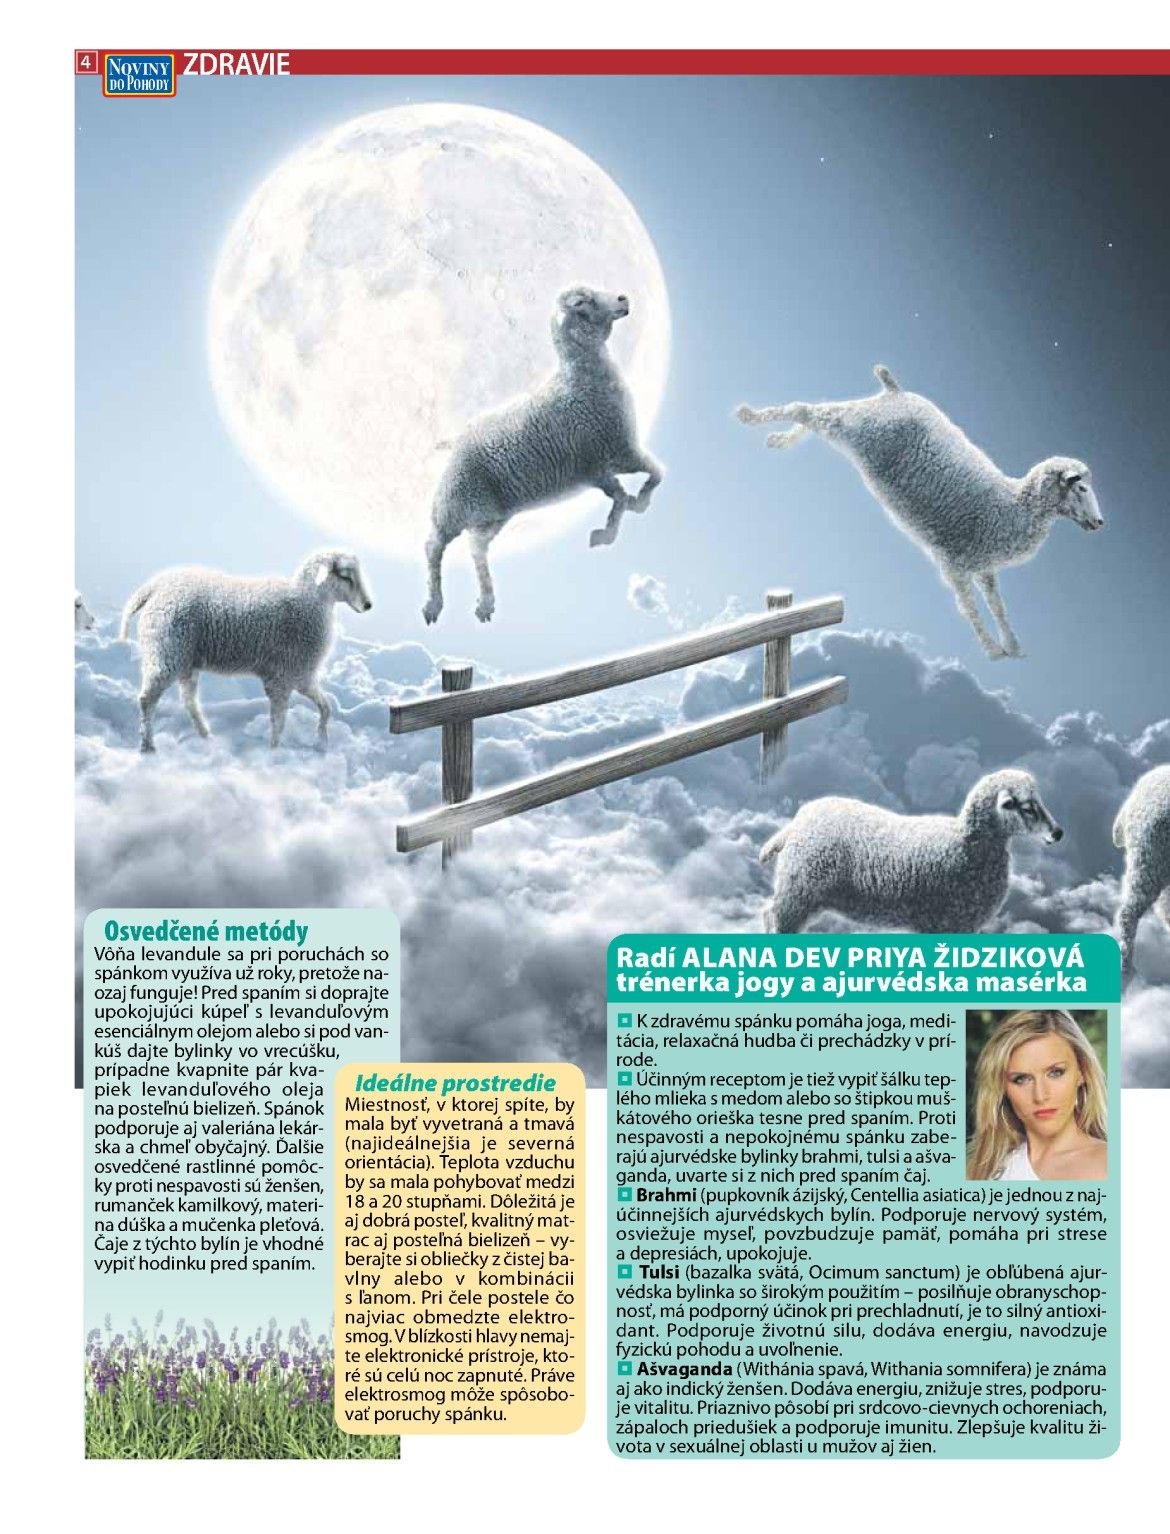 Rady proti nespavosti pre NOVINY DO POHODY č.2/2013